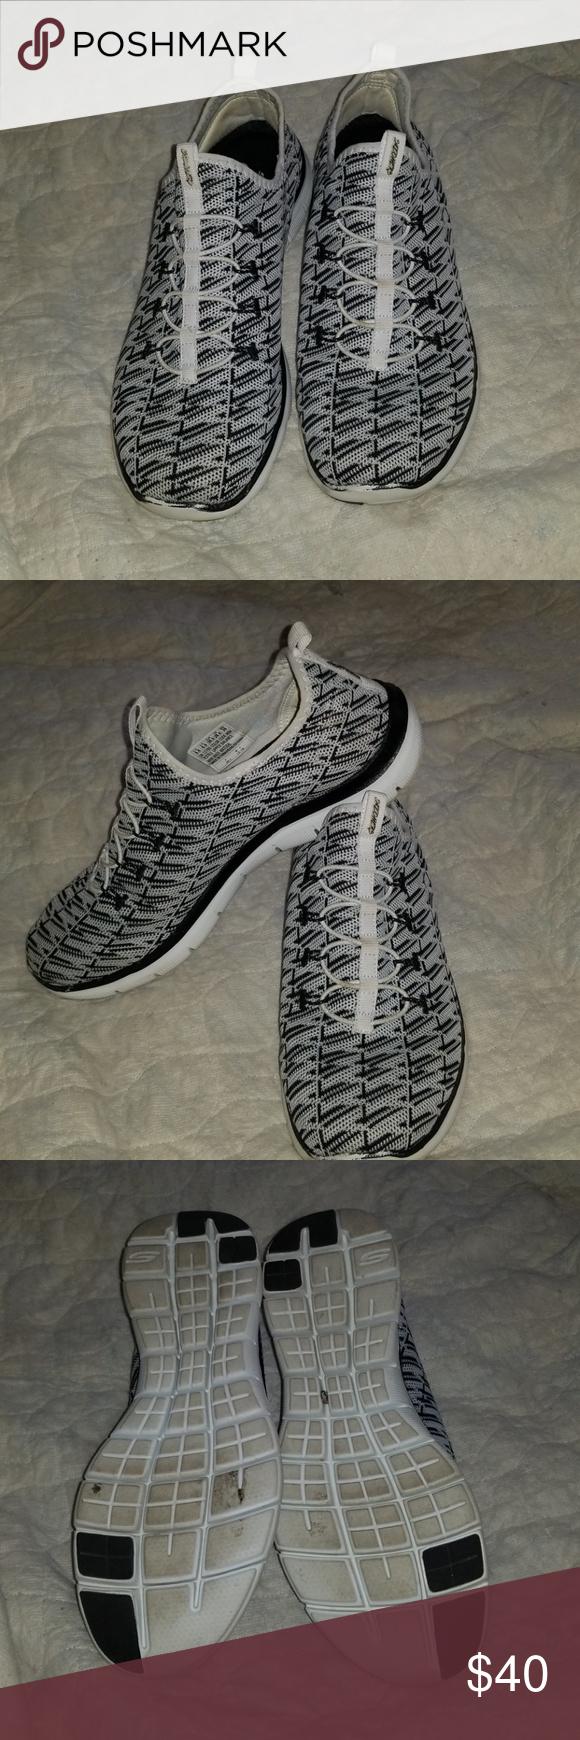 Sketchers Air Cooled Memory Foam No Tie Sneakers